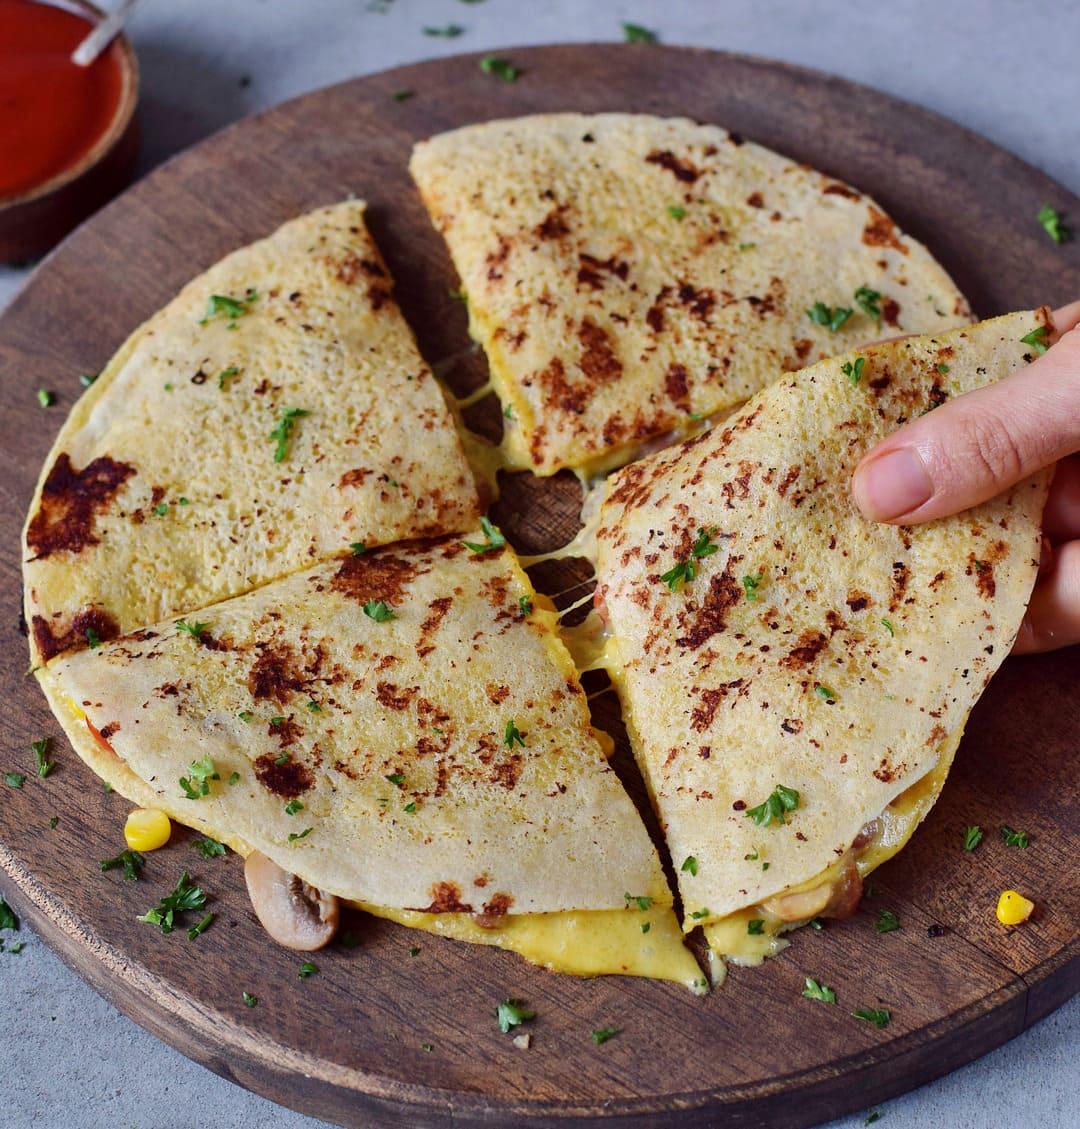 Gefüllte Tortilla wird mit Hand gegriffen